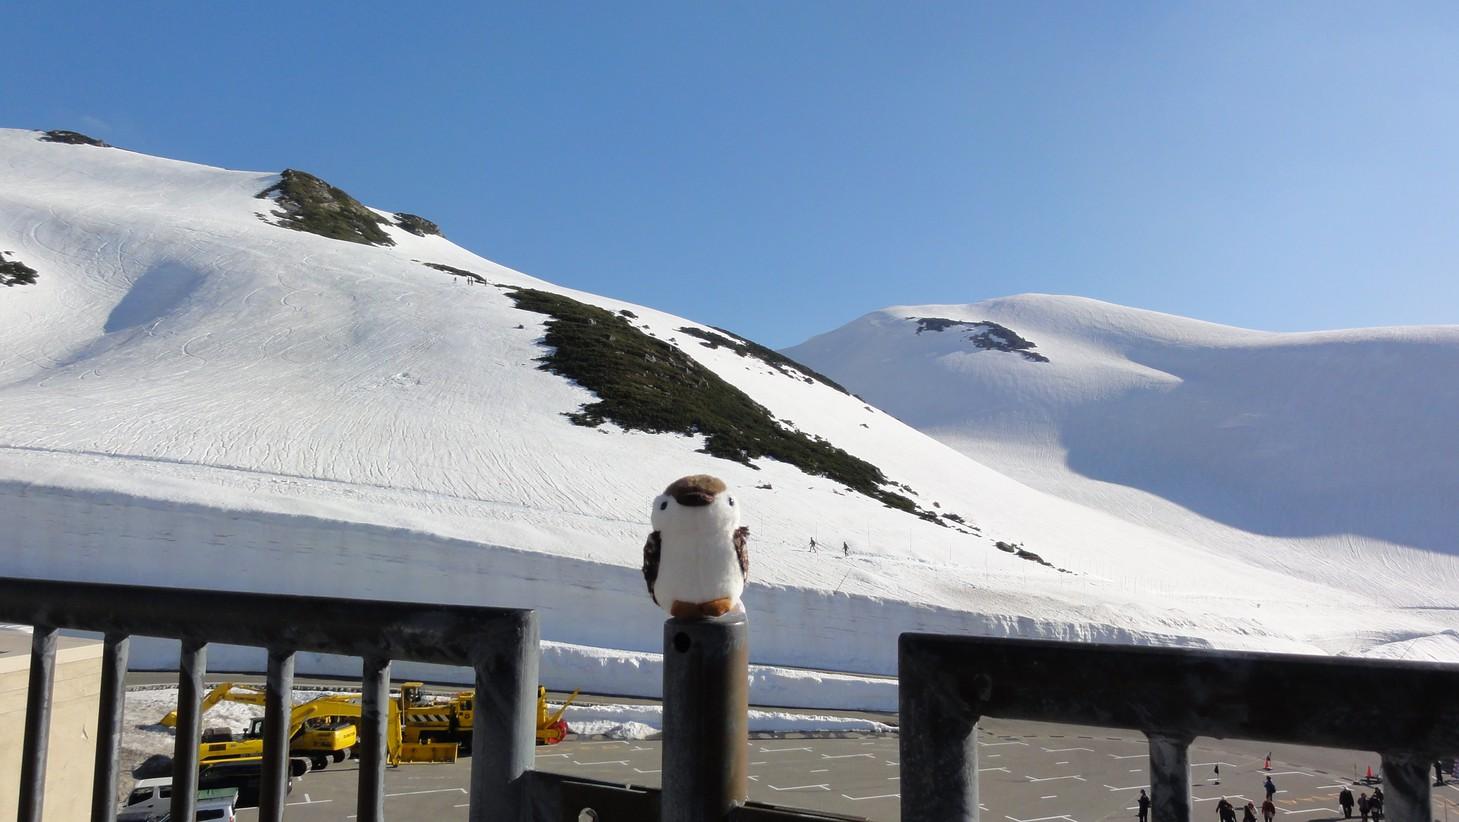 室堂站雪景